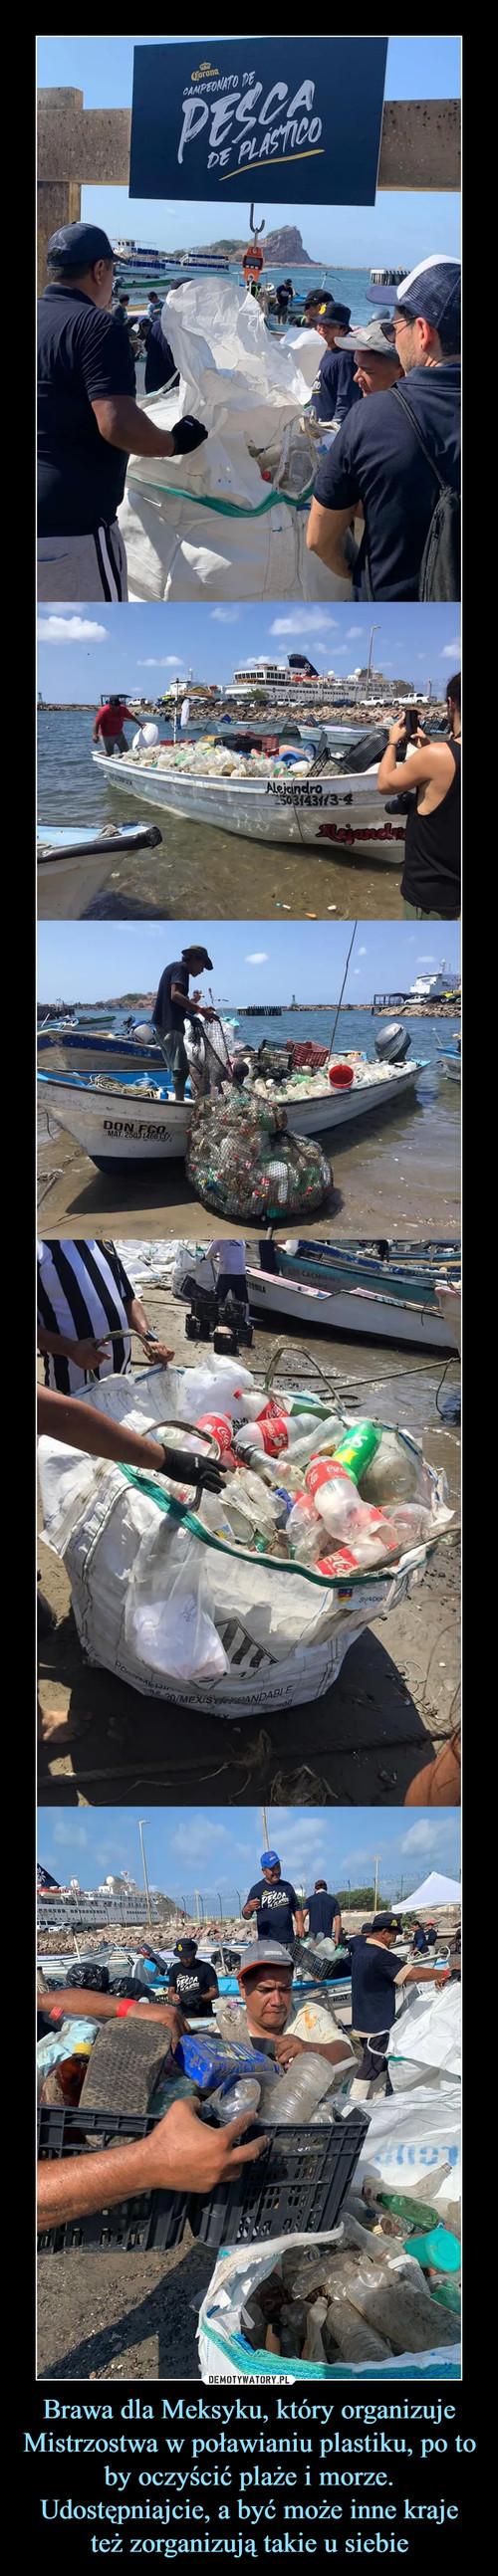 Brawa dla Meksyku, który organizuje Mistrzostwa w poławianiu plastiku, po to by oczyścić plaże i morze. Udostępniajcie, a być może inne kraje też zorganizują takie u siebie